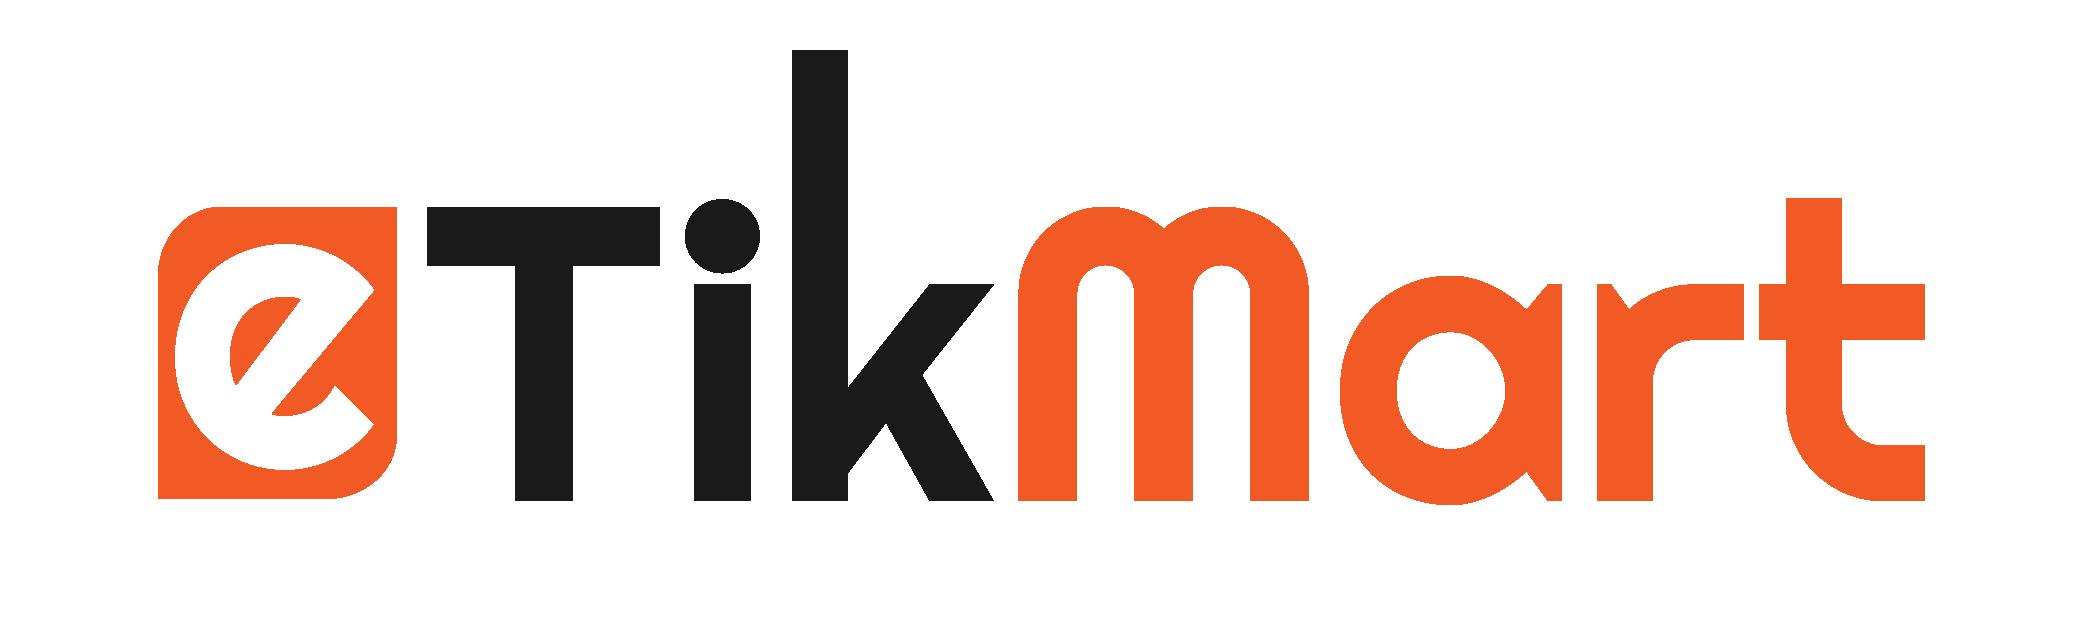 eTikmart